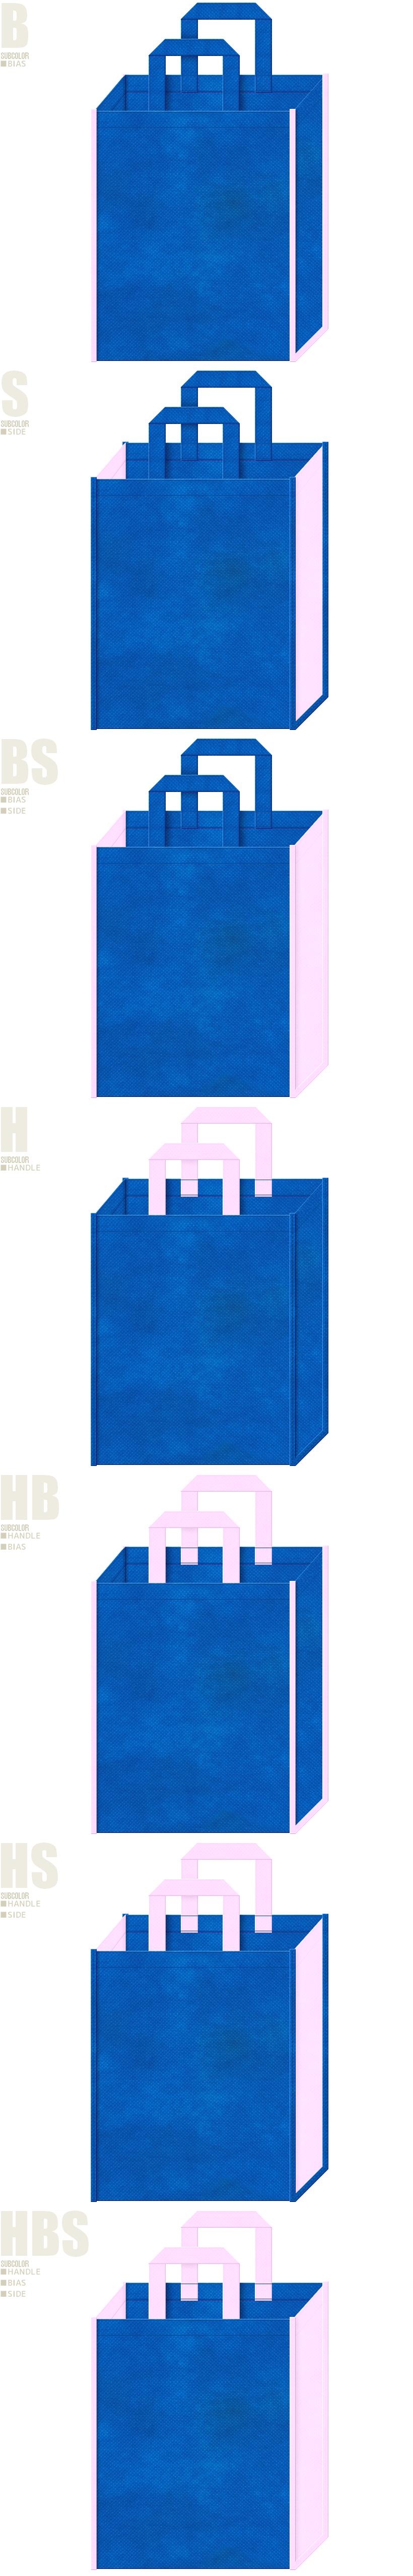 不織布トートバッグのデザイン例-不織布メインカラーNo.22+サブカラーNo.37の2色7パターン